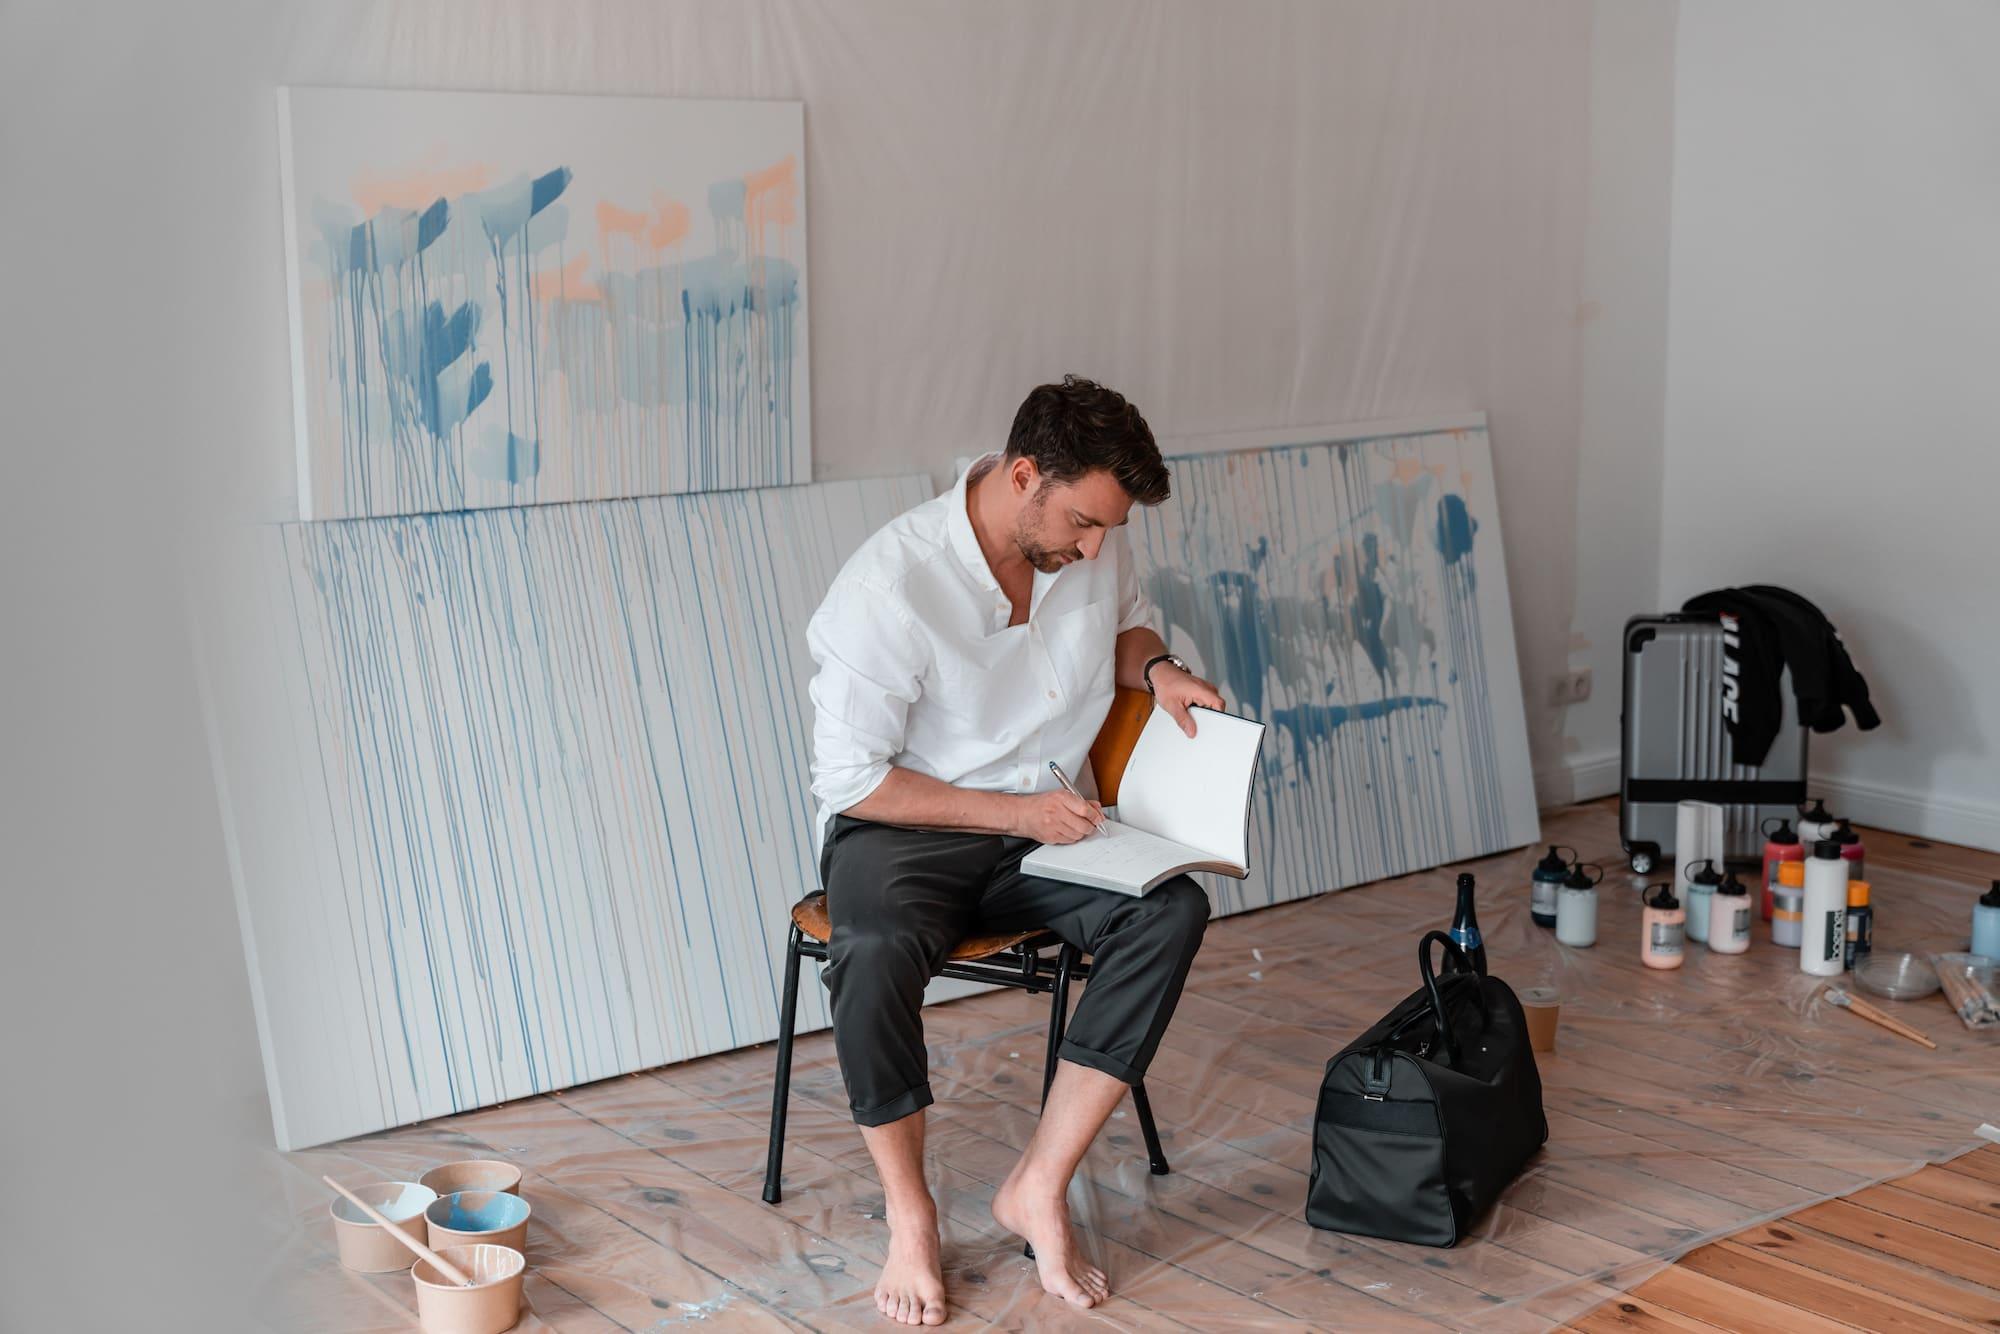 Inspiring Clash mit Paul Schrader: Vom erfolgreichen Juristen zum gefragten Künstler 3